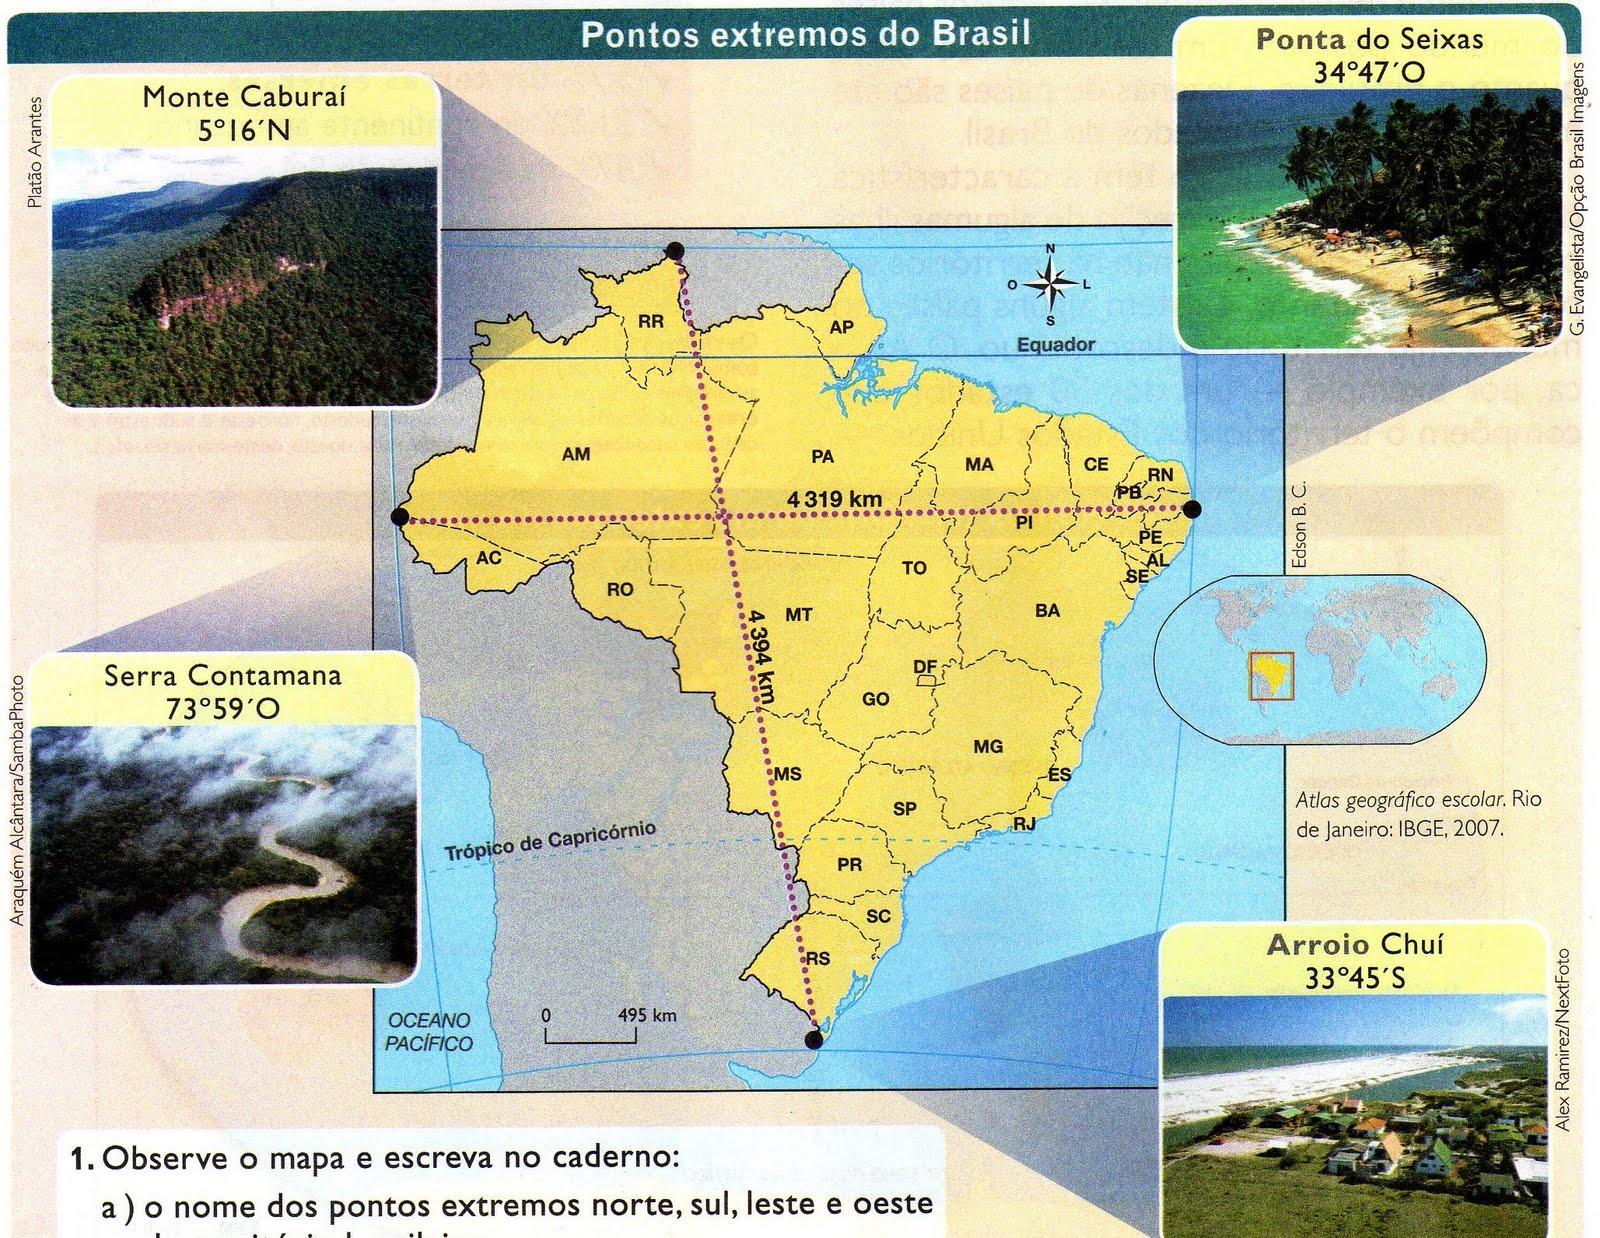 Resultado de imagem para pontos extremos do brasil